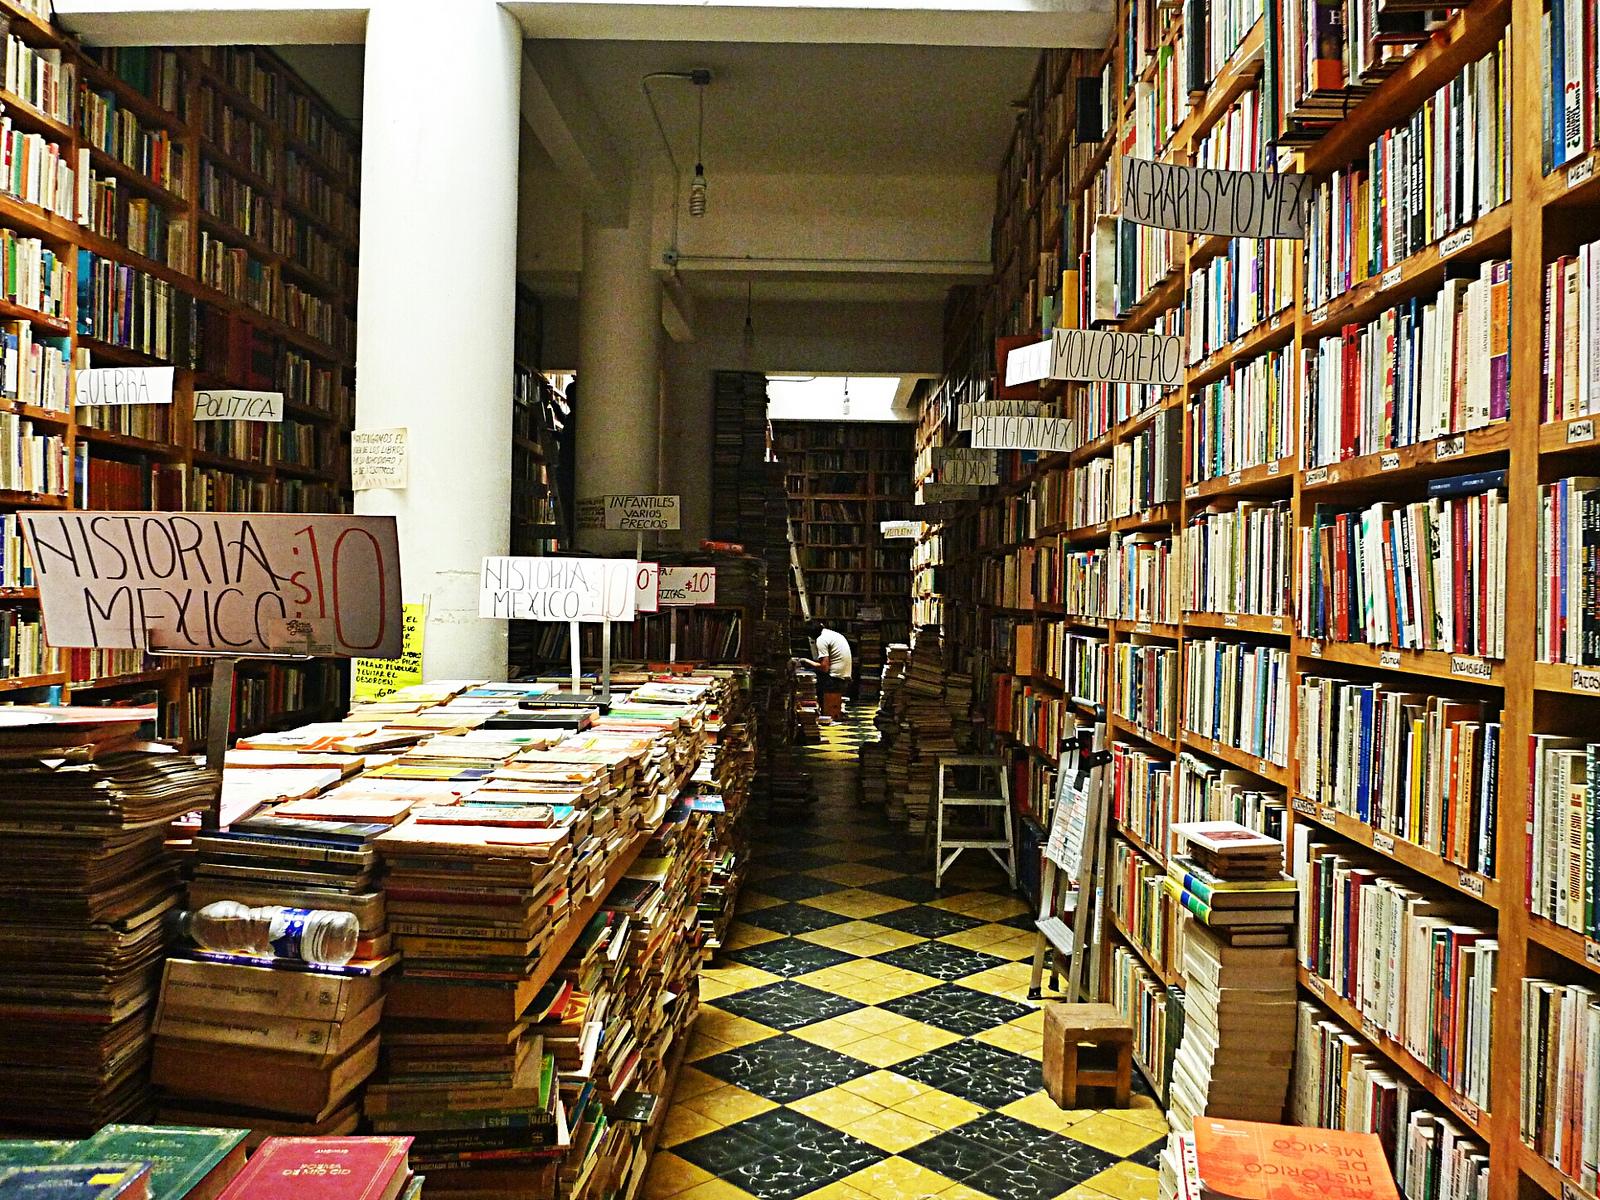 Used books | © Jesús Dehesa/Flickr